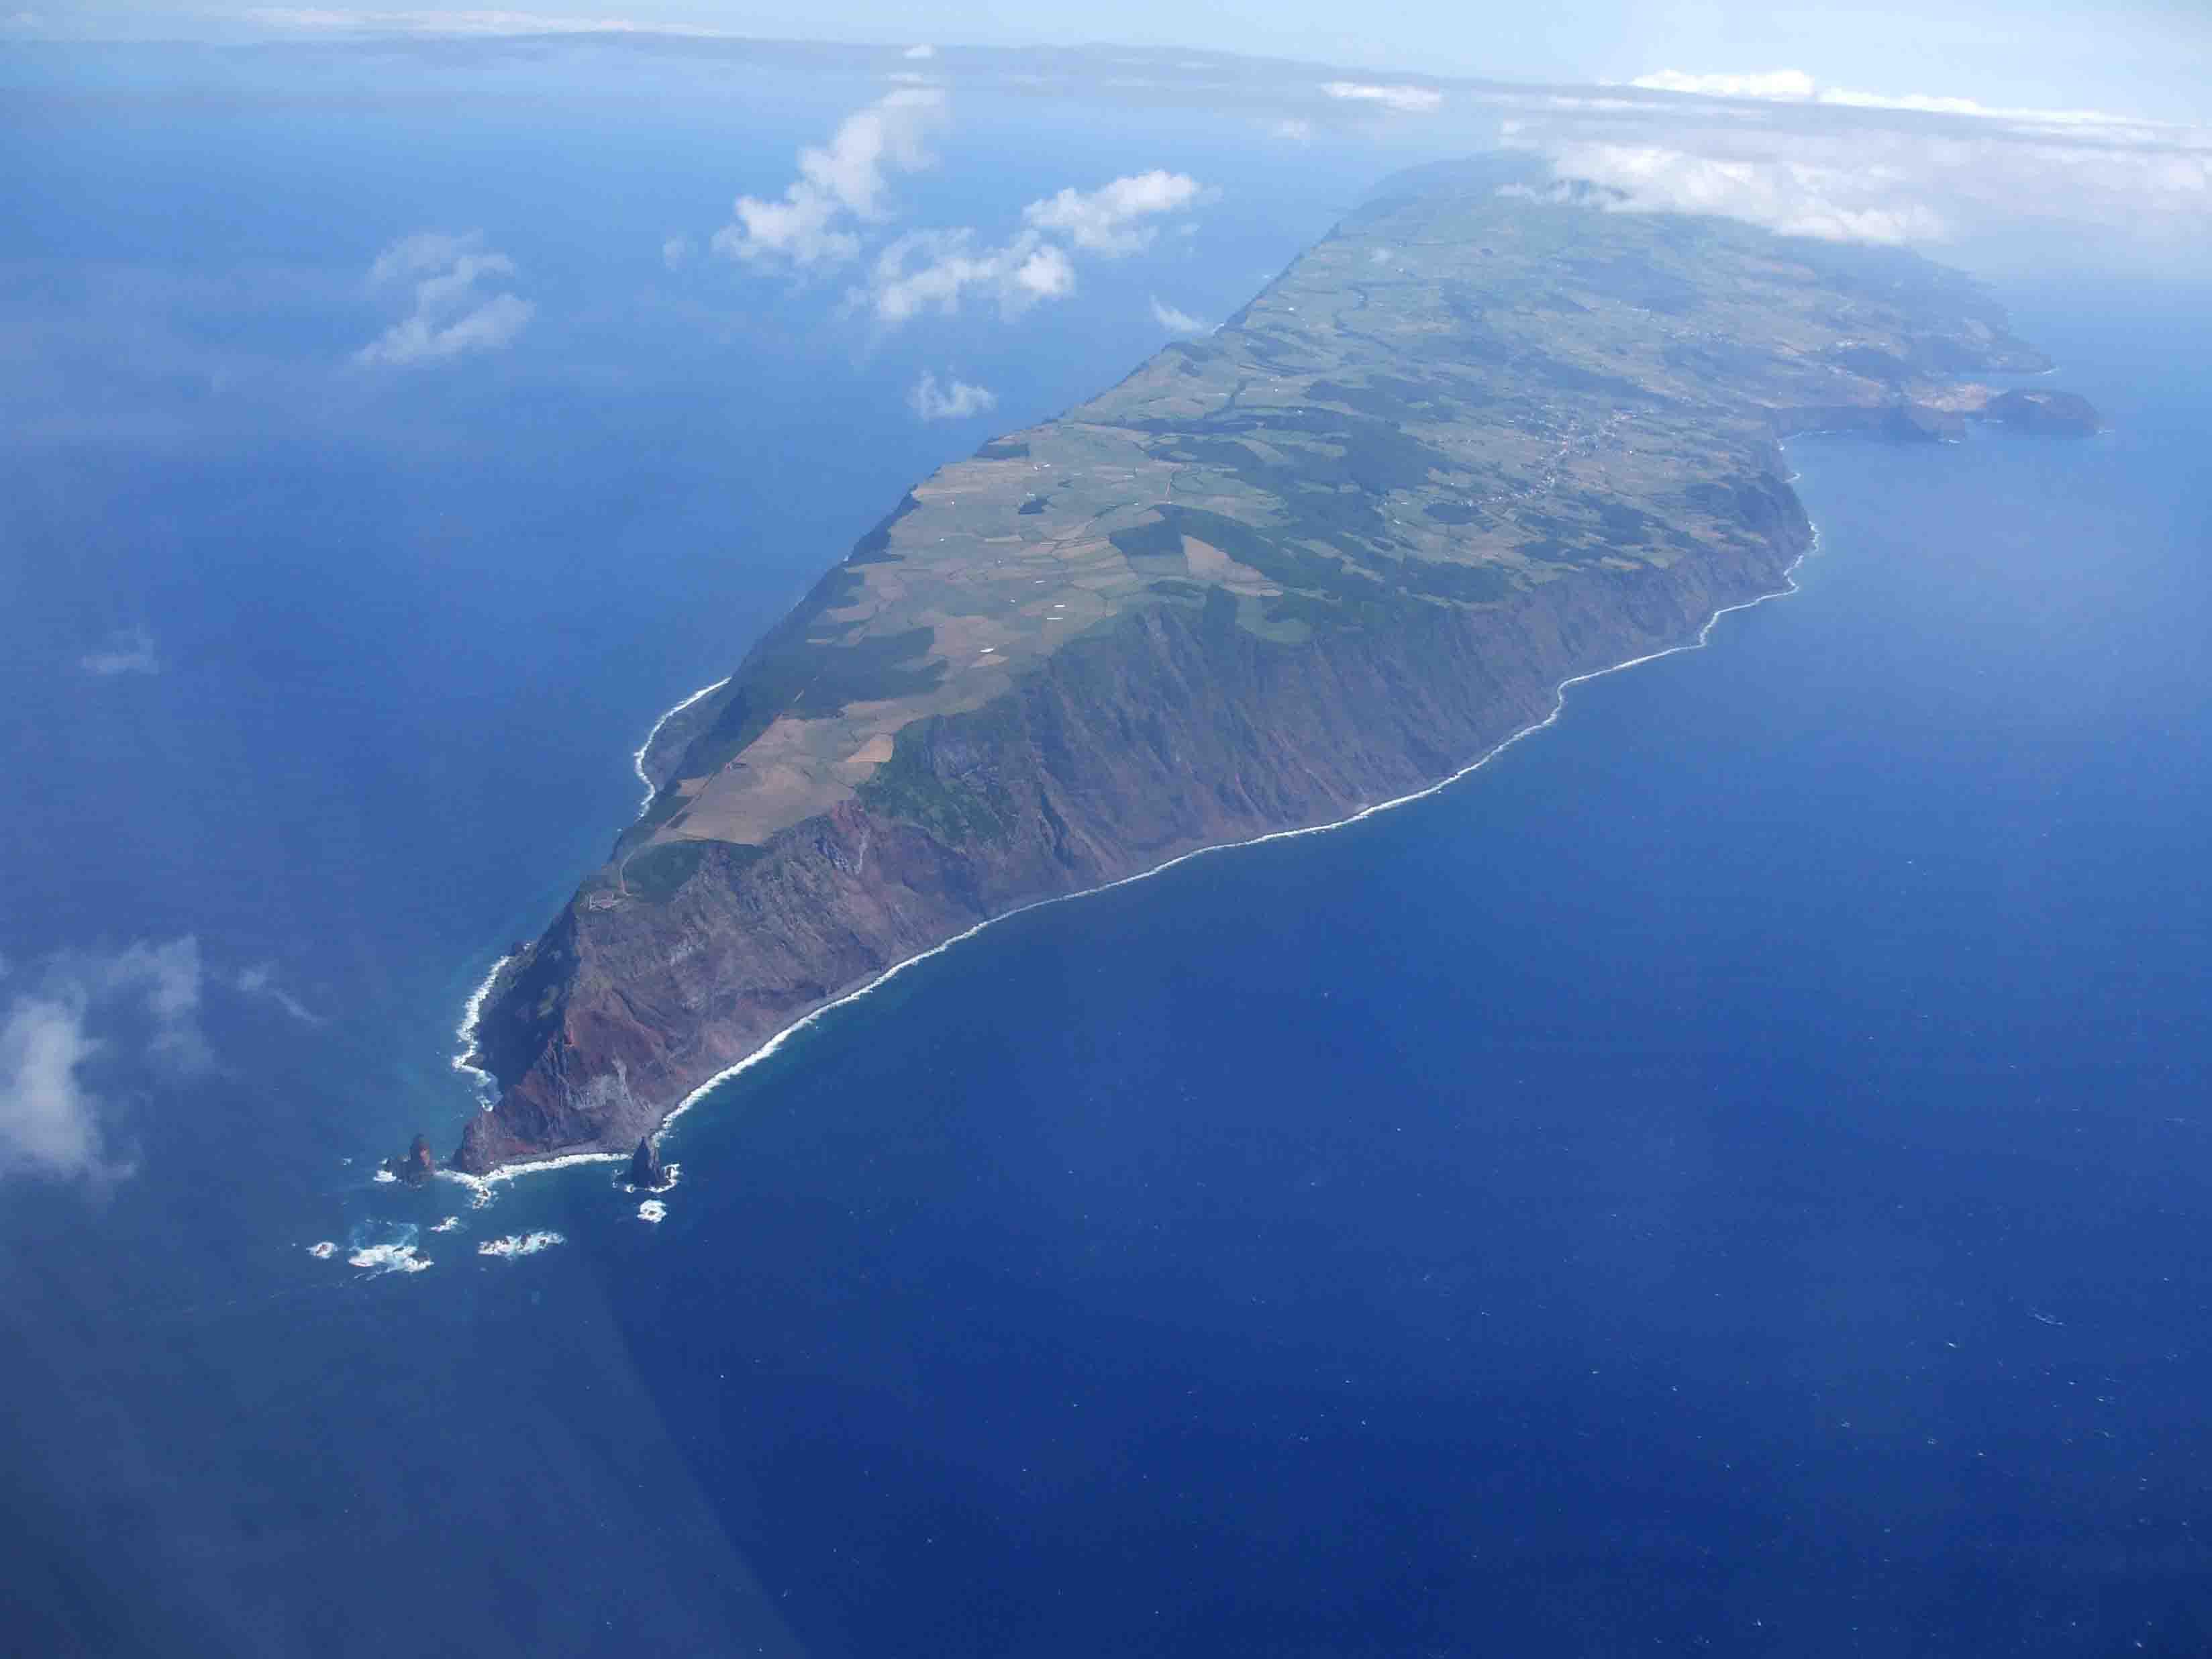 Sao Jorge Island